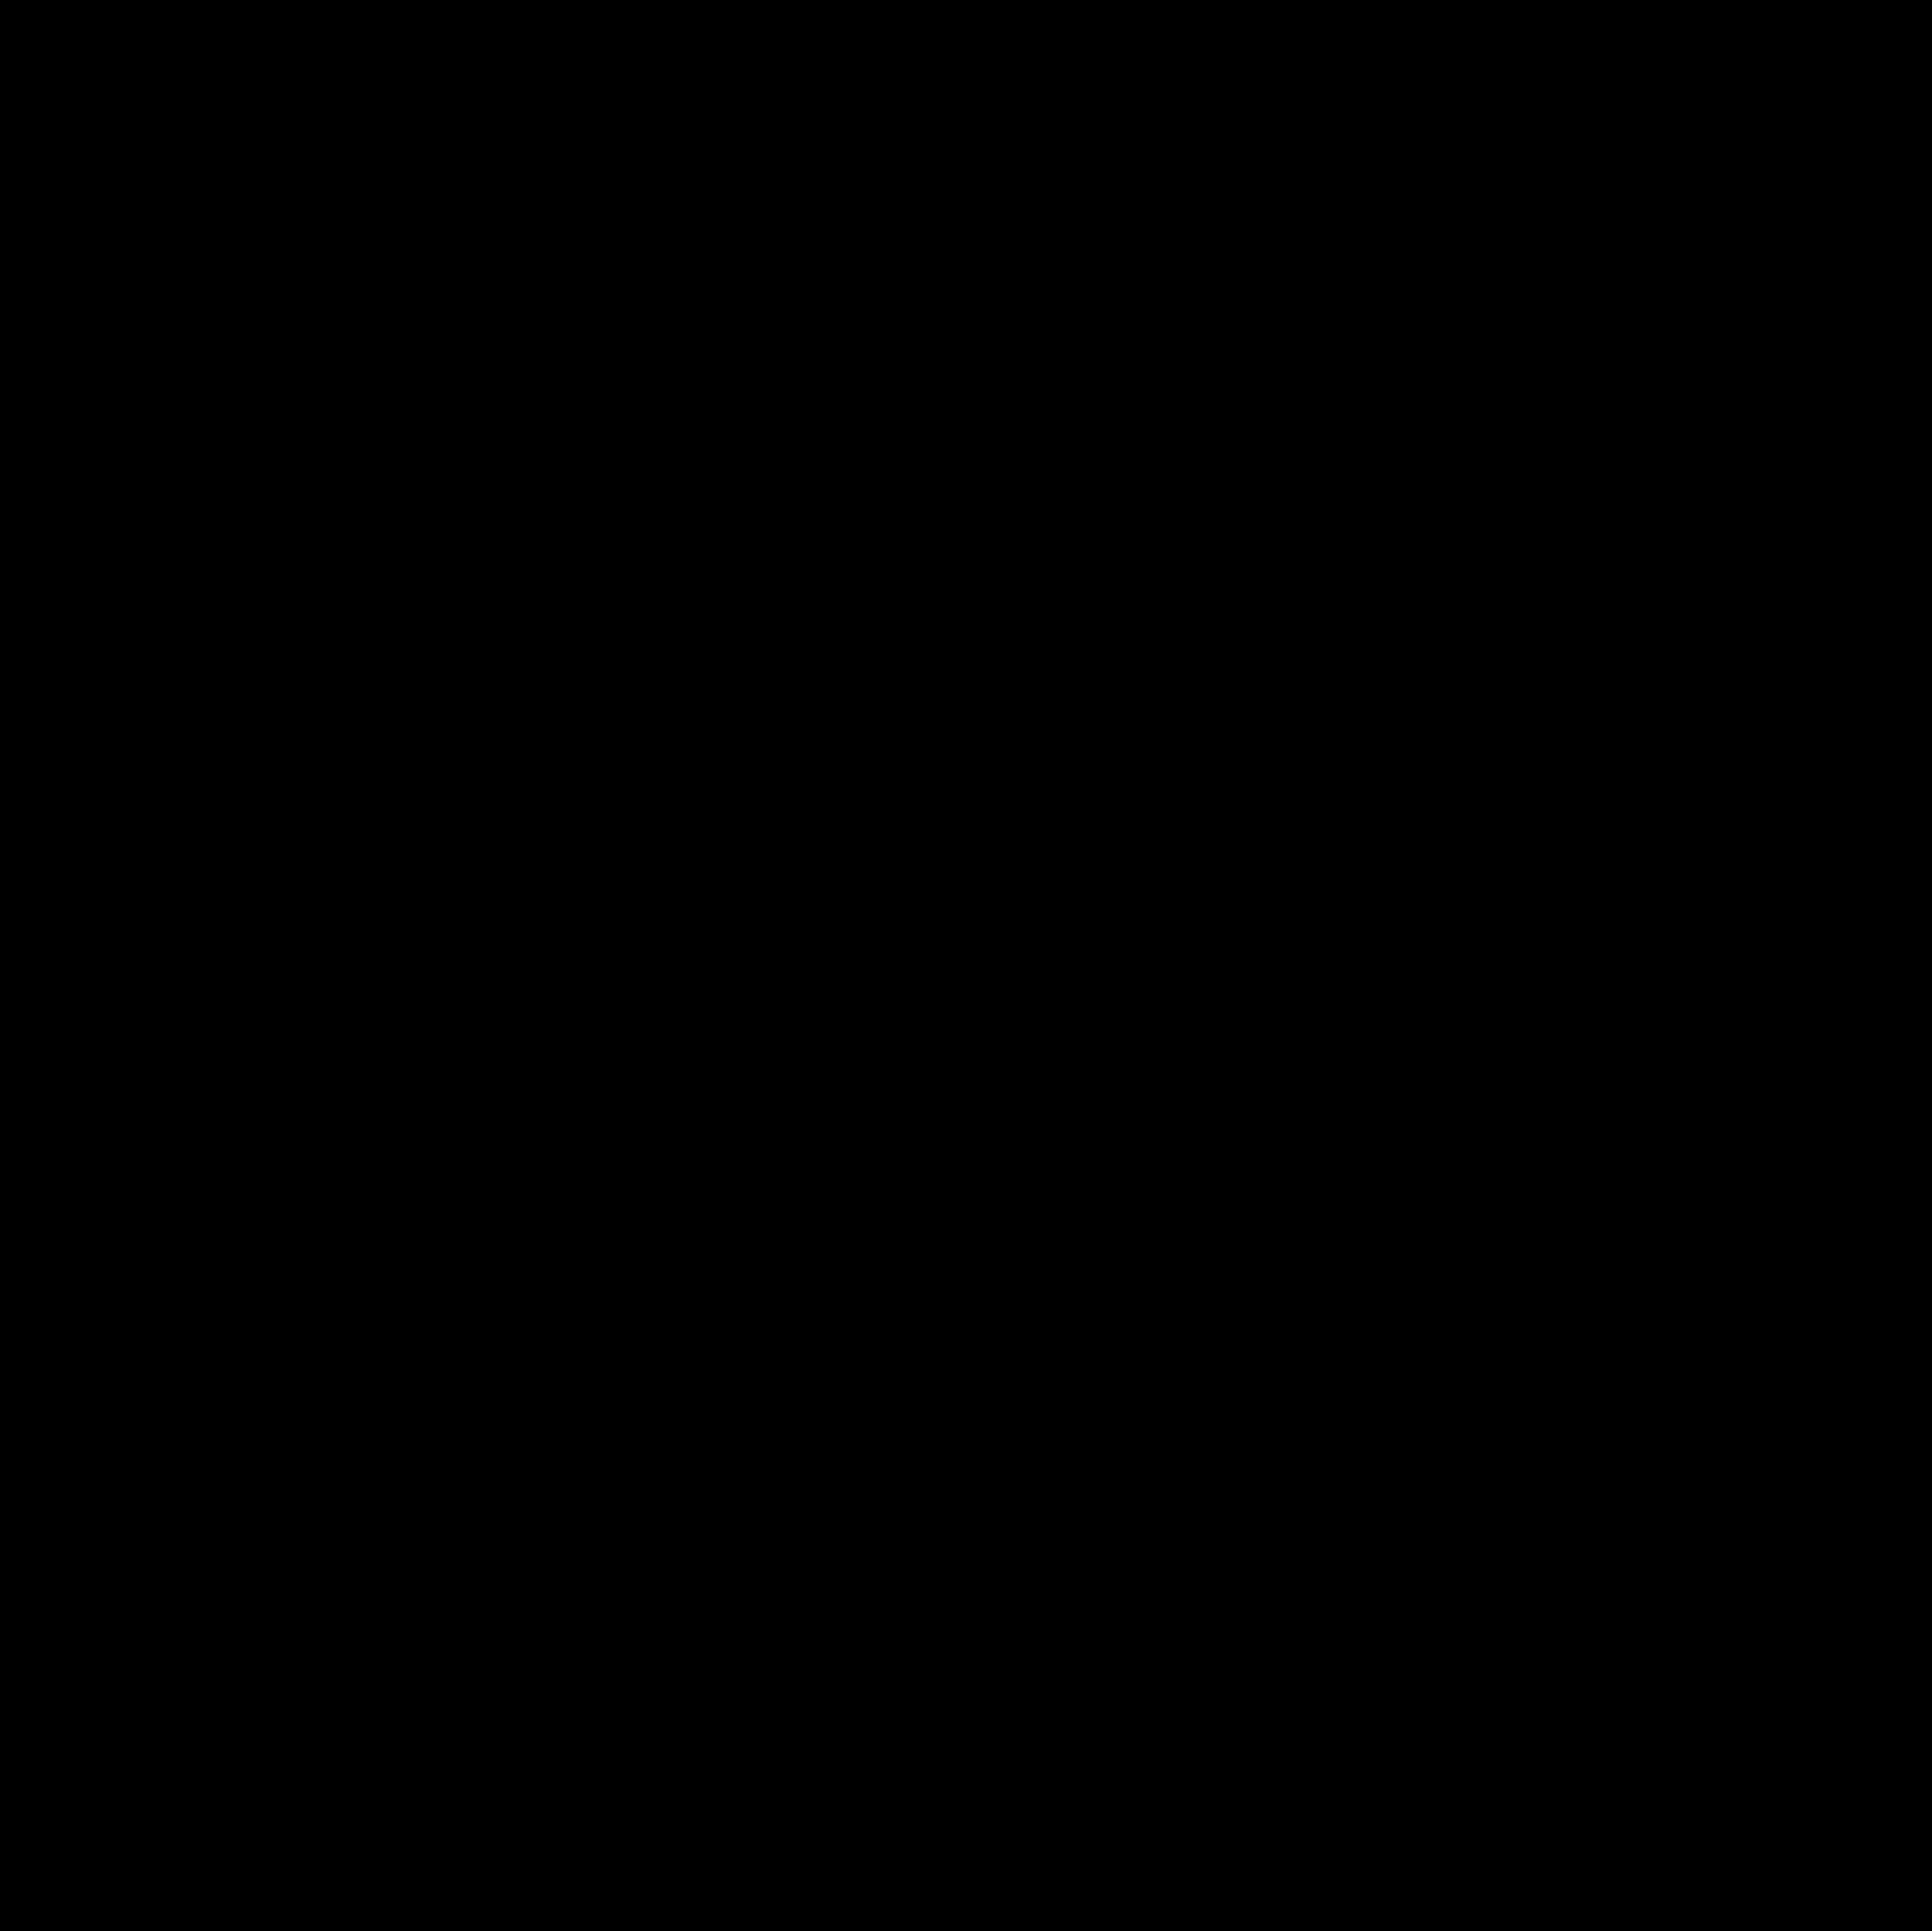 Gold Frame PNG Transparent Clip Art Image.